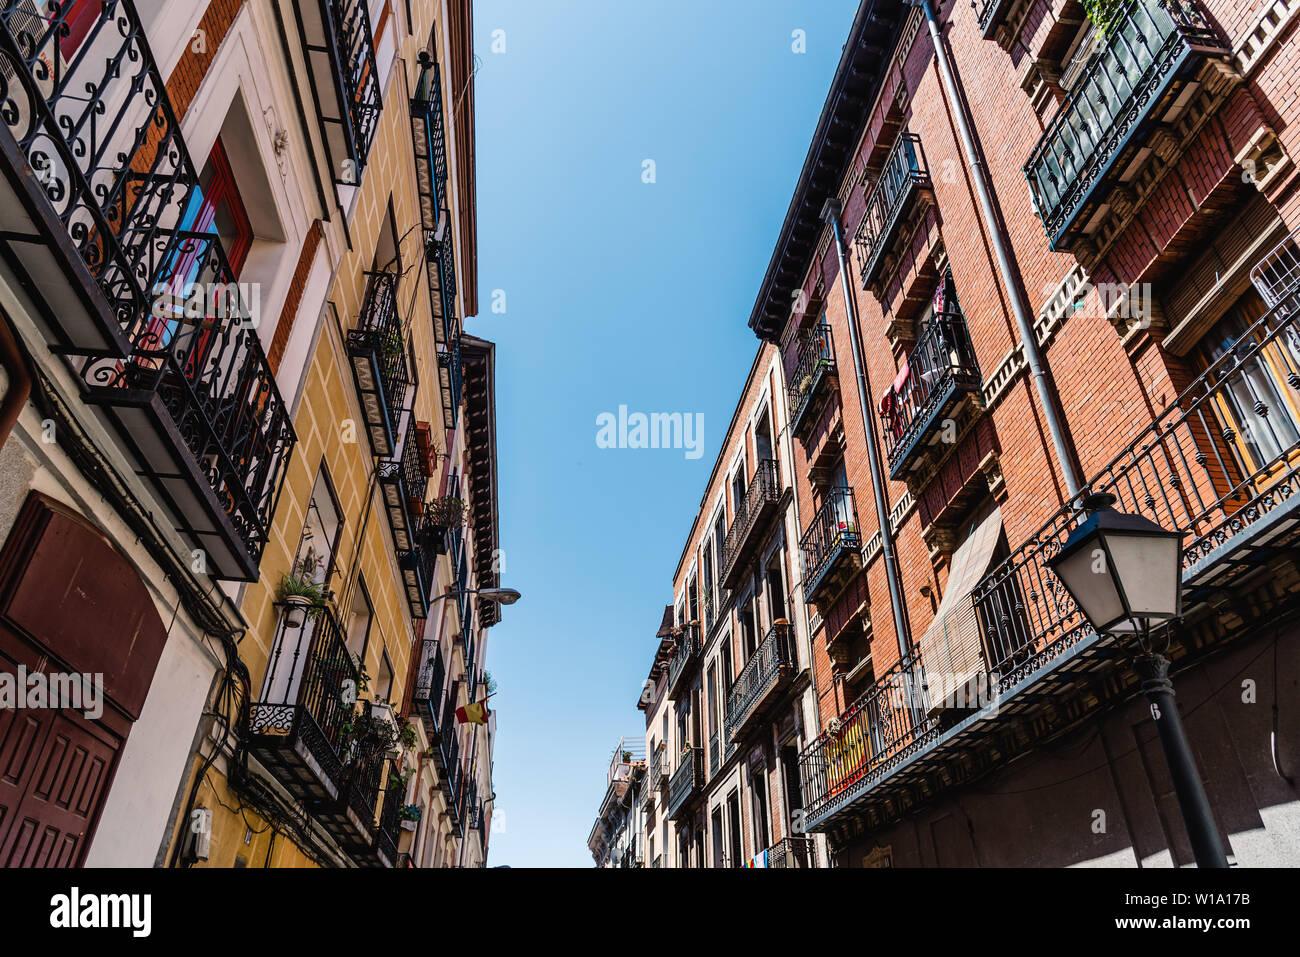 Paesaggio urbano del quartiere di Malasana in Madrid. Malasana è uno dei quartieri più alla moda in città Foto Stock